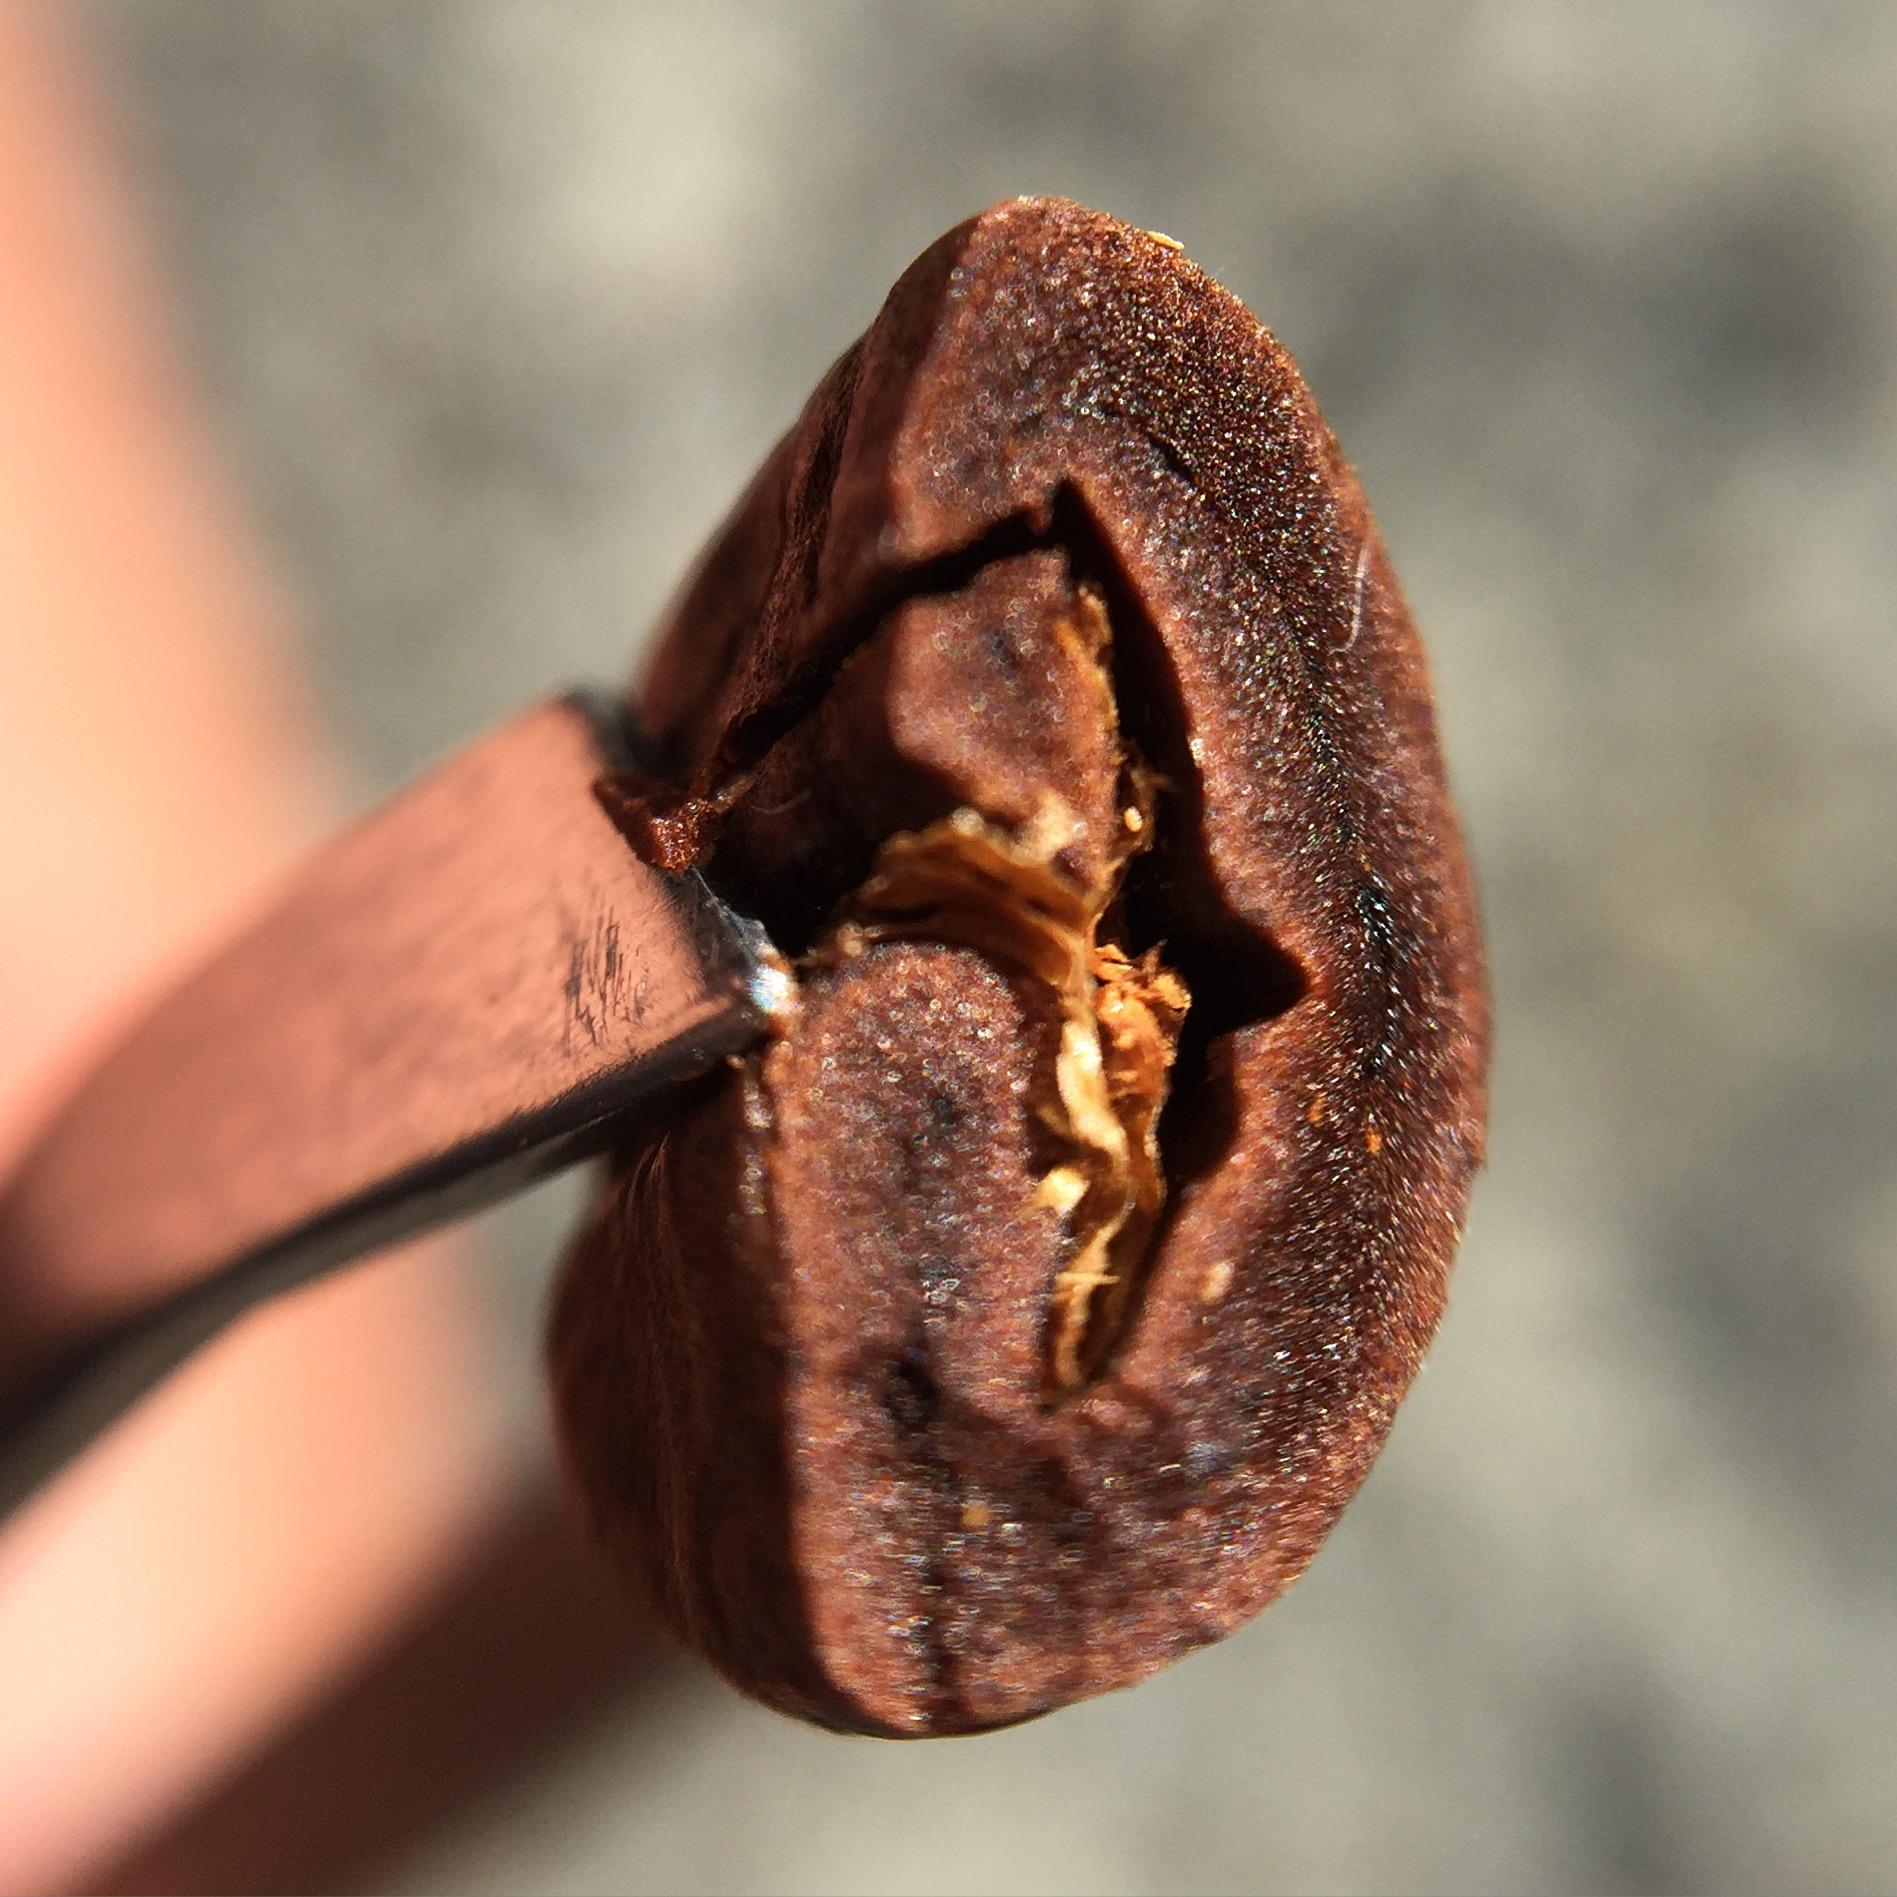 Semente de Café Torrada (Corte): observe a selagem periférica devido à caramelização.